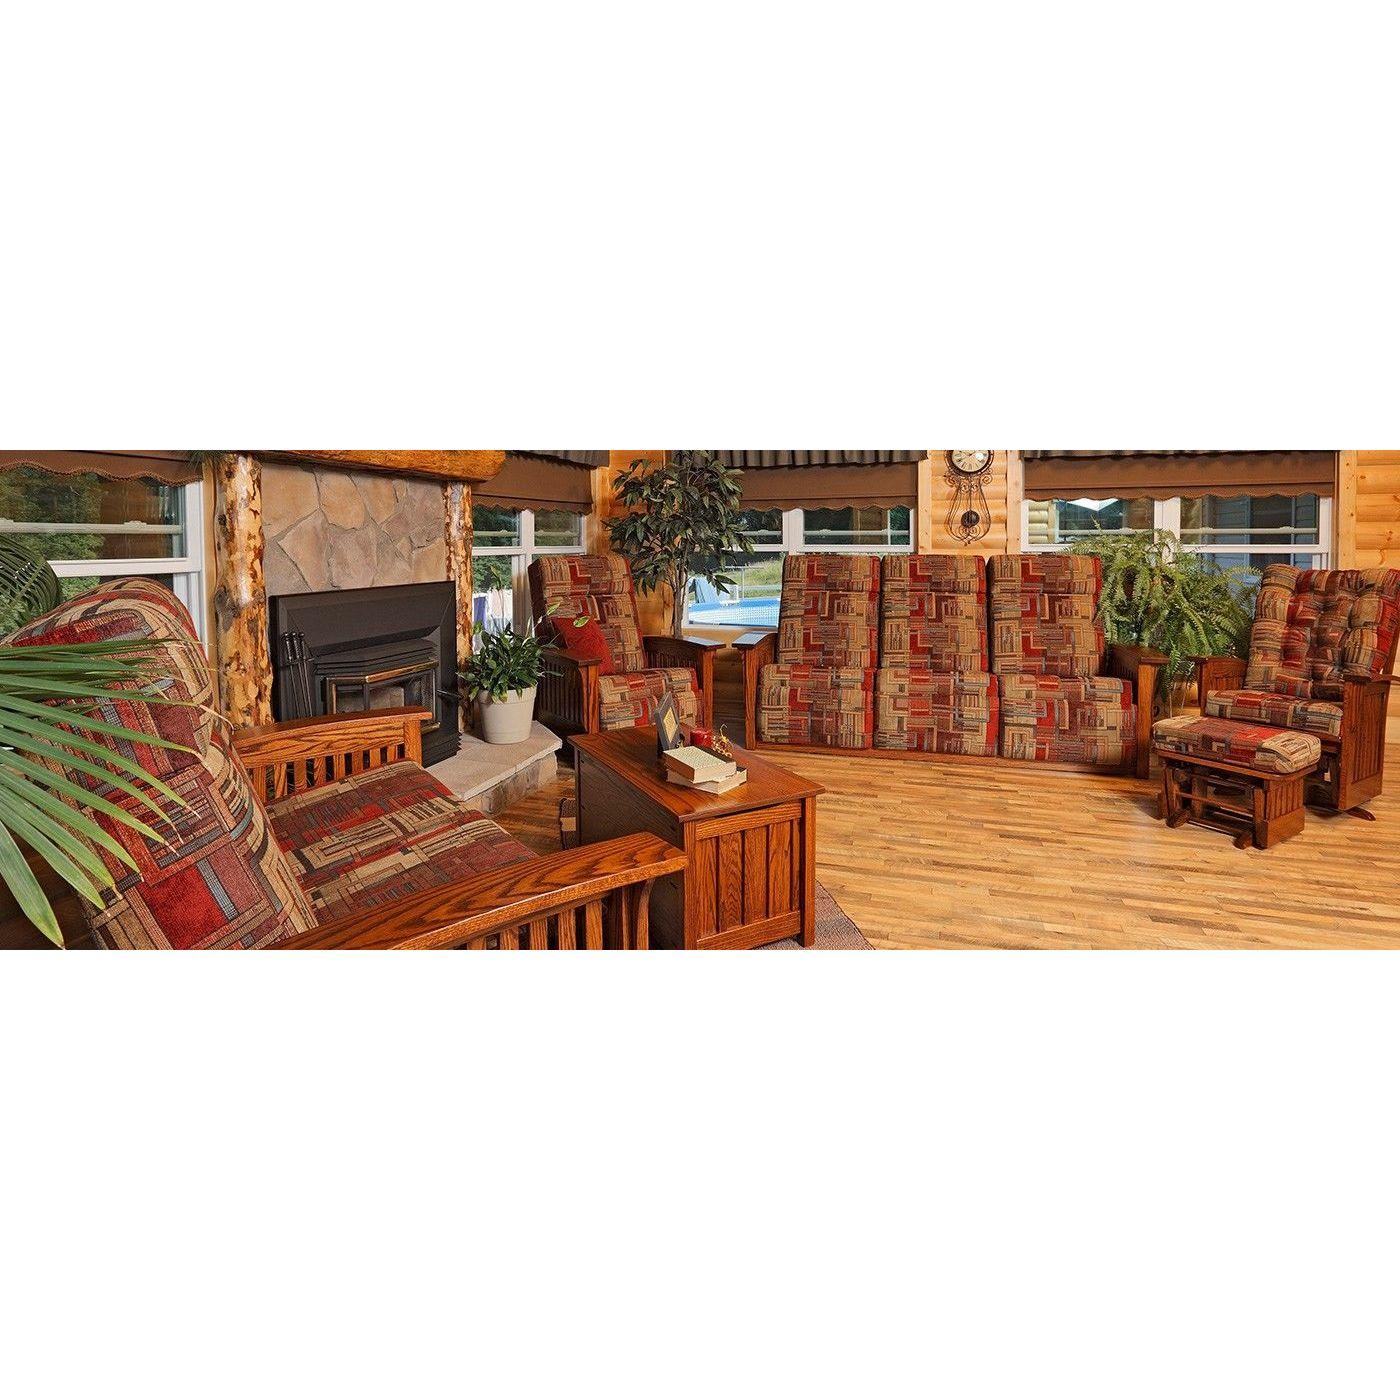 Schlabach Furniture image 1